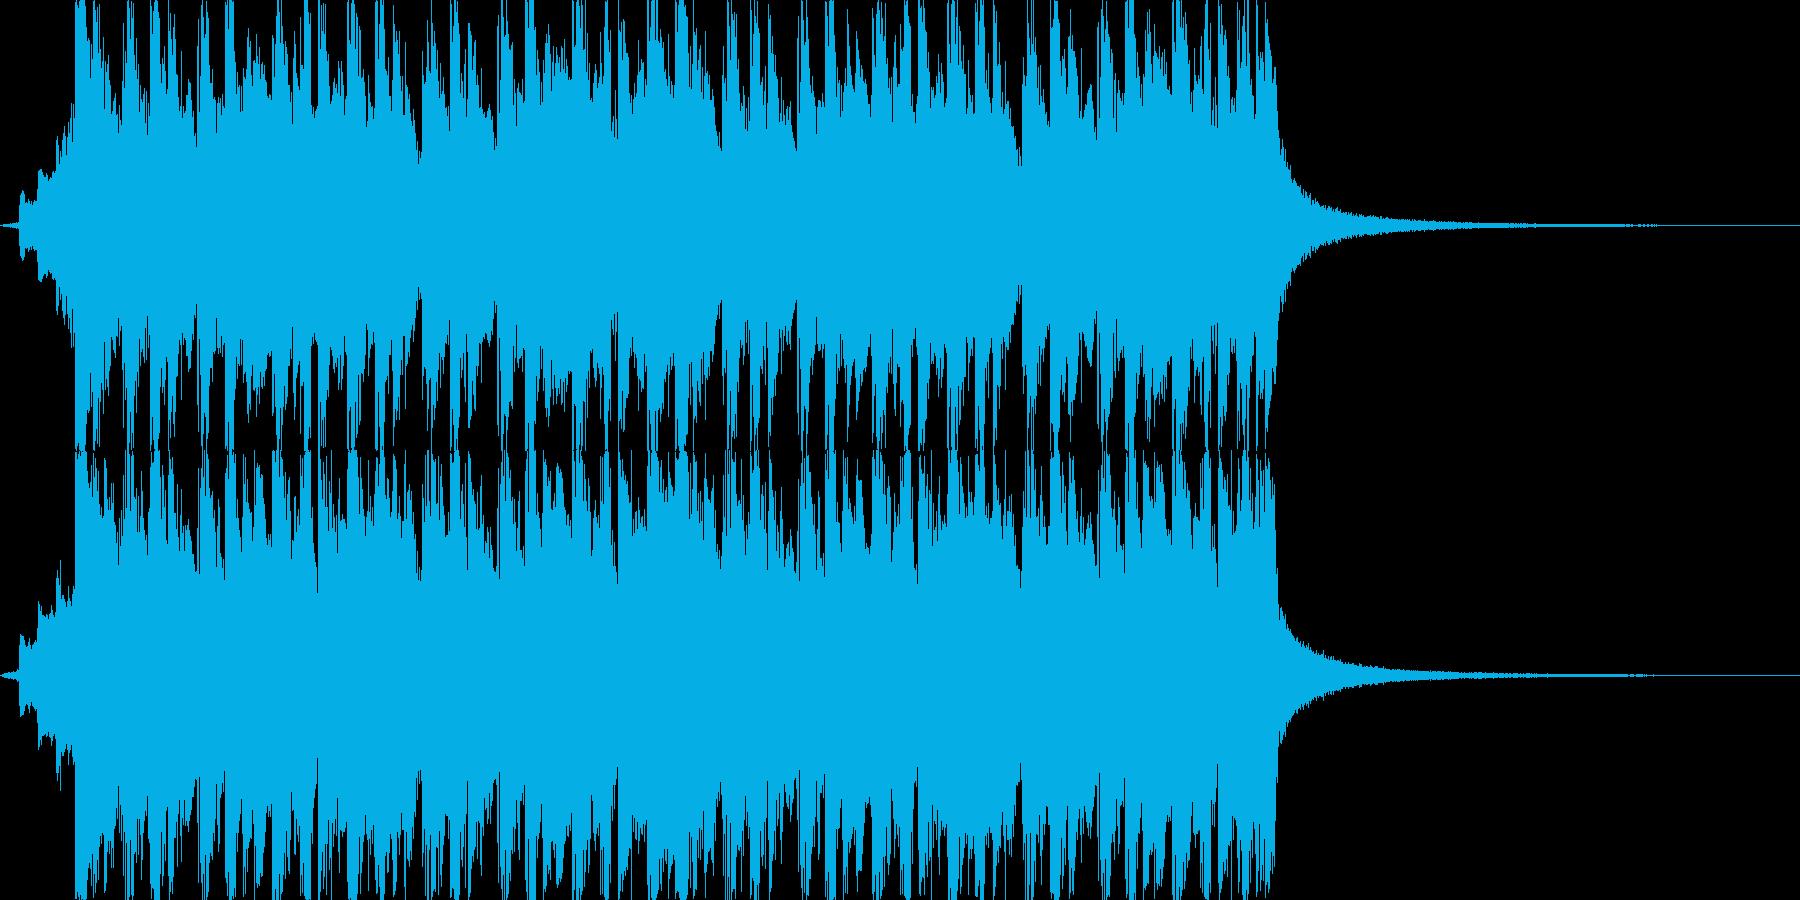 CMや映像、ハッピーなウクレレ、口笛の再生済みの波形